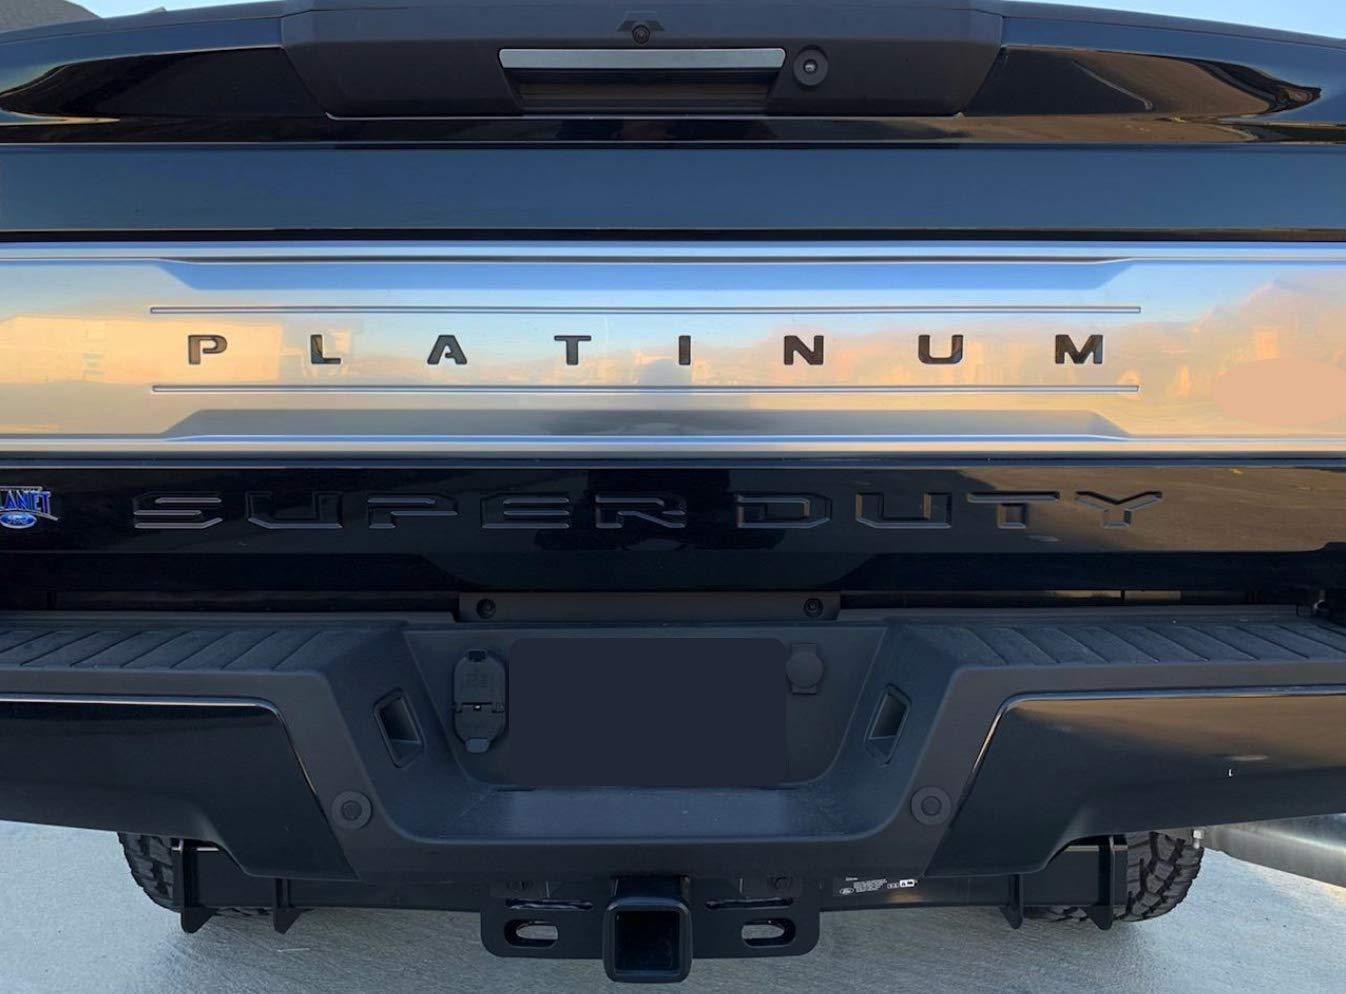 F-550 Models BDTrims F-350 F-450 Black Tailgate Plastic Letters Inserts fits 2017-2019 Platinum F-250